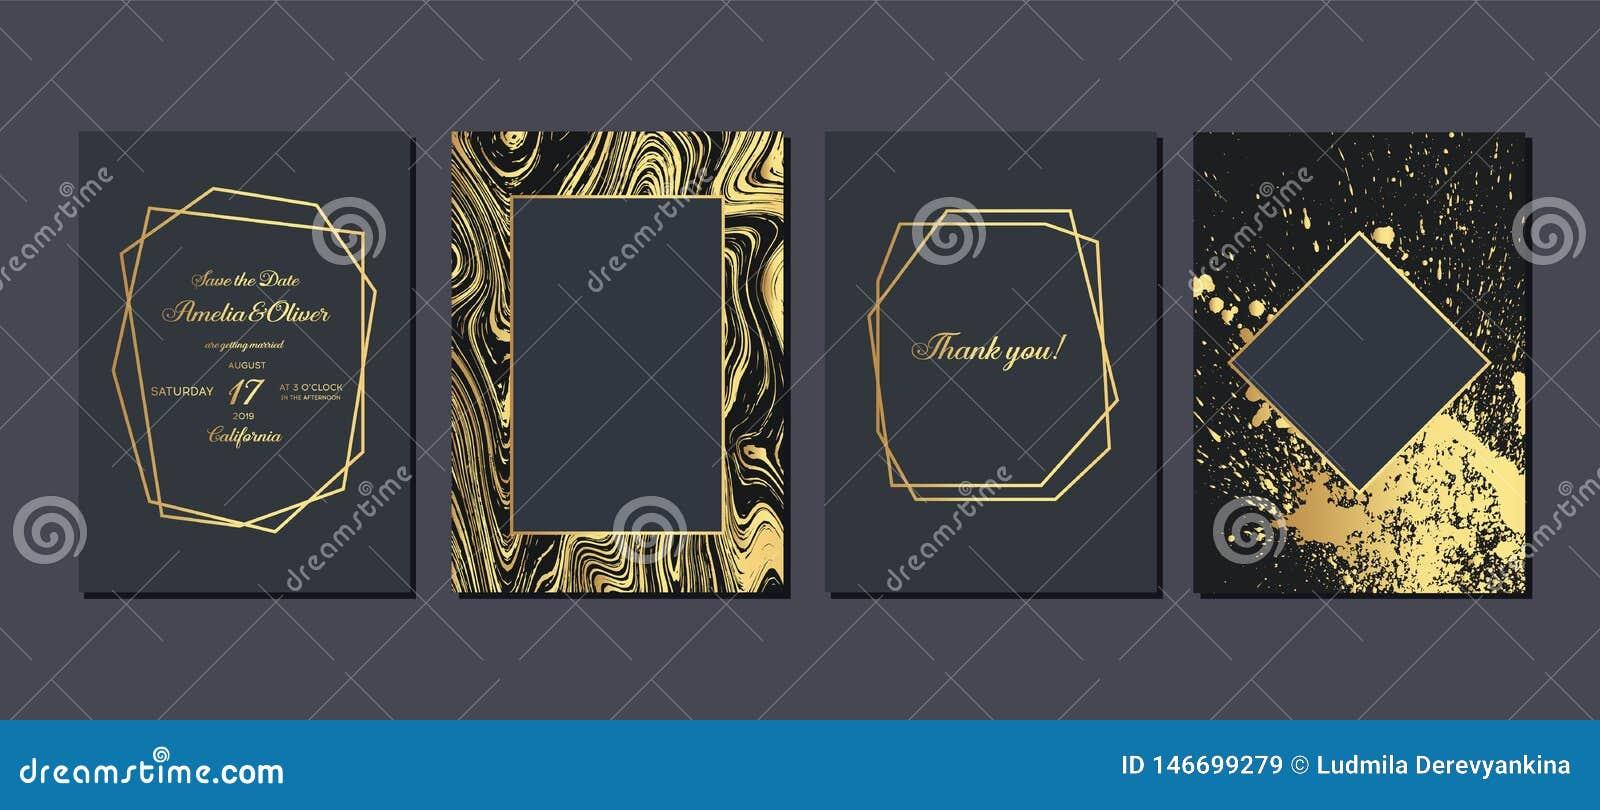 Z?ocisty ?lubny zaproszenie Luksusowe ślubne zaproszenie karty z złotem wykładają marmurem teksturę i geometrycznego deseniowego